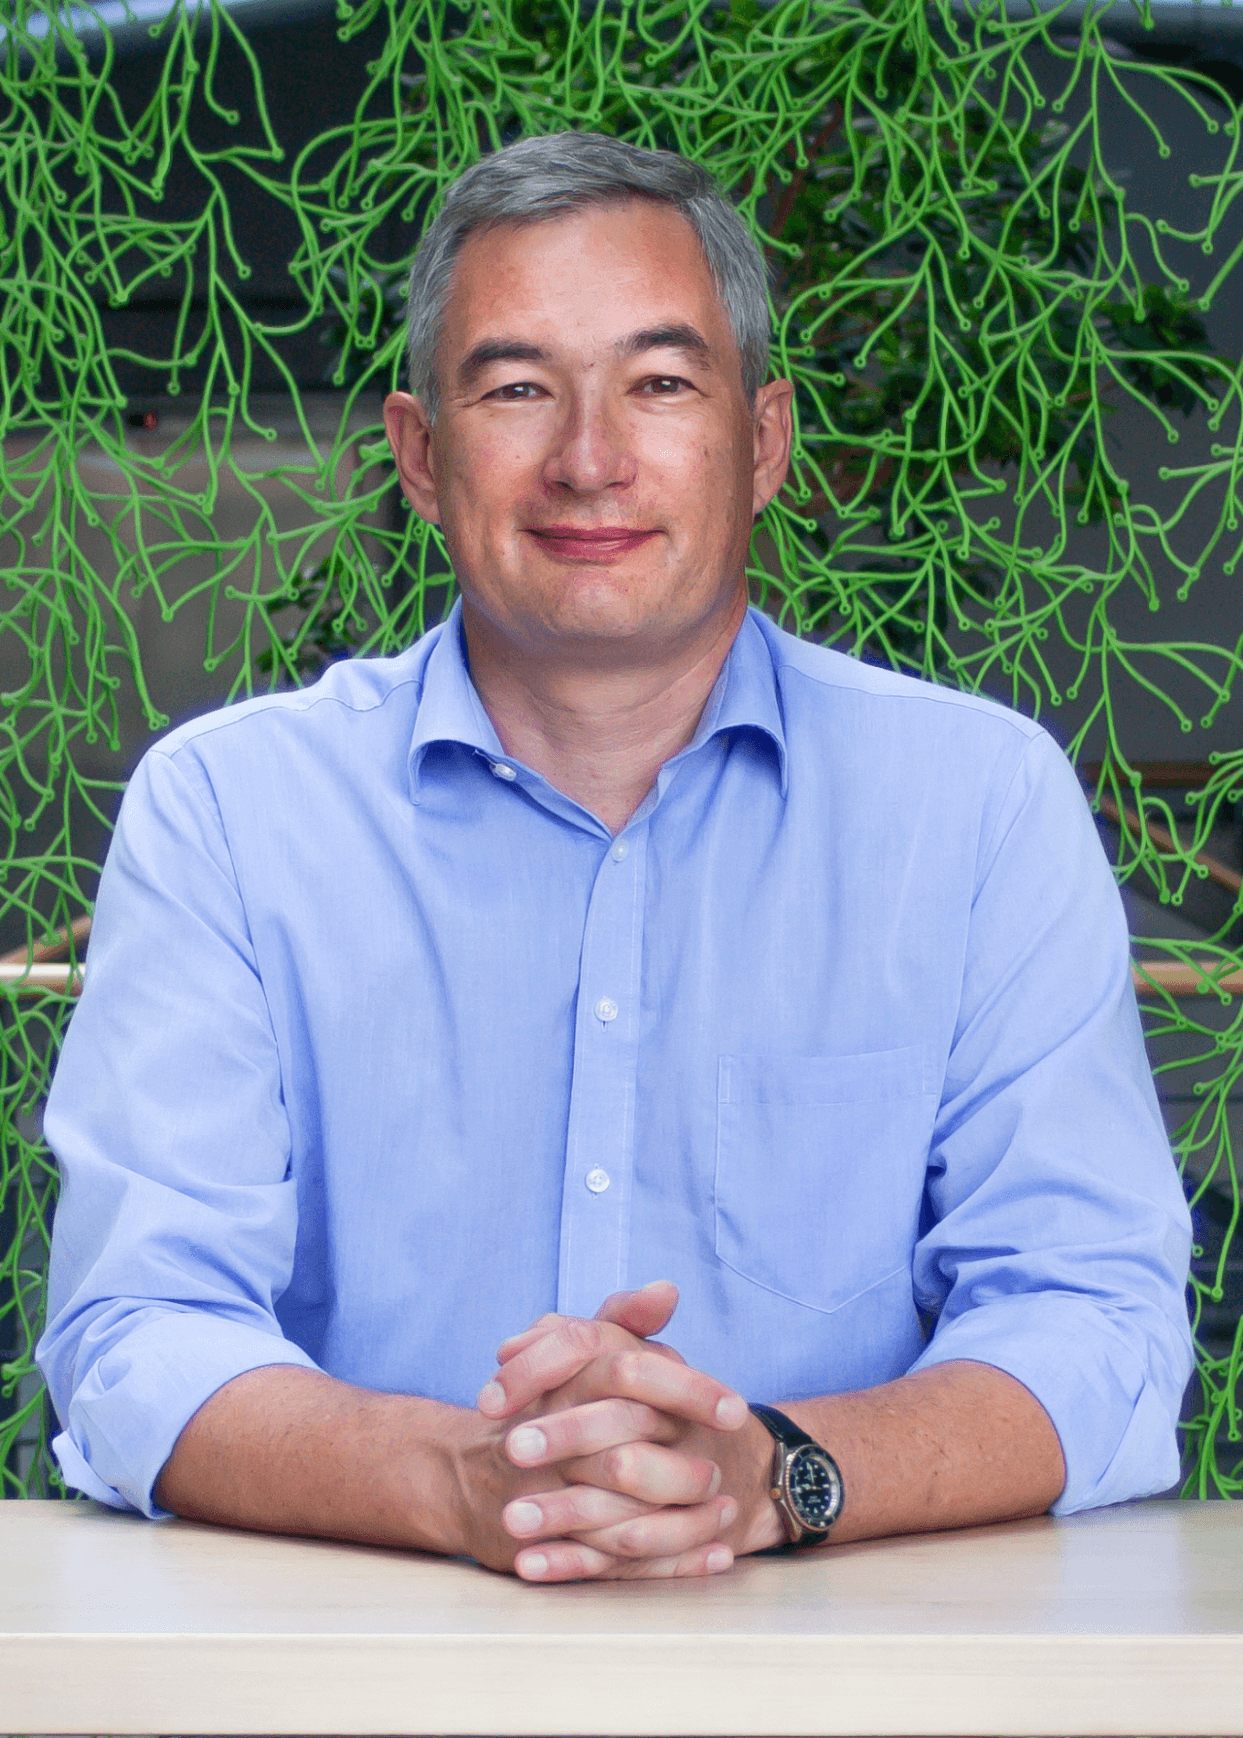 Christian Etzel